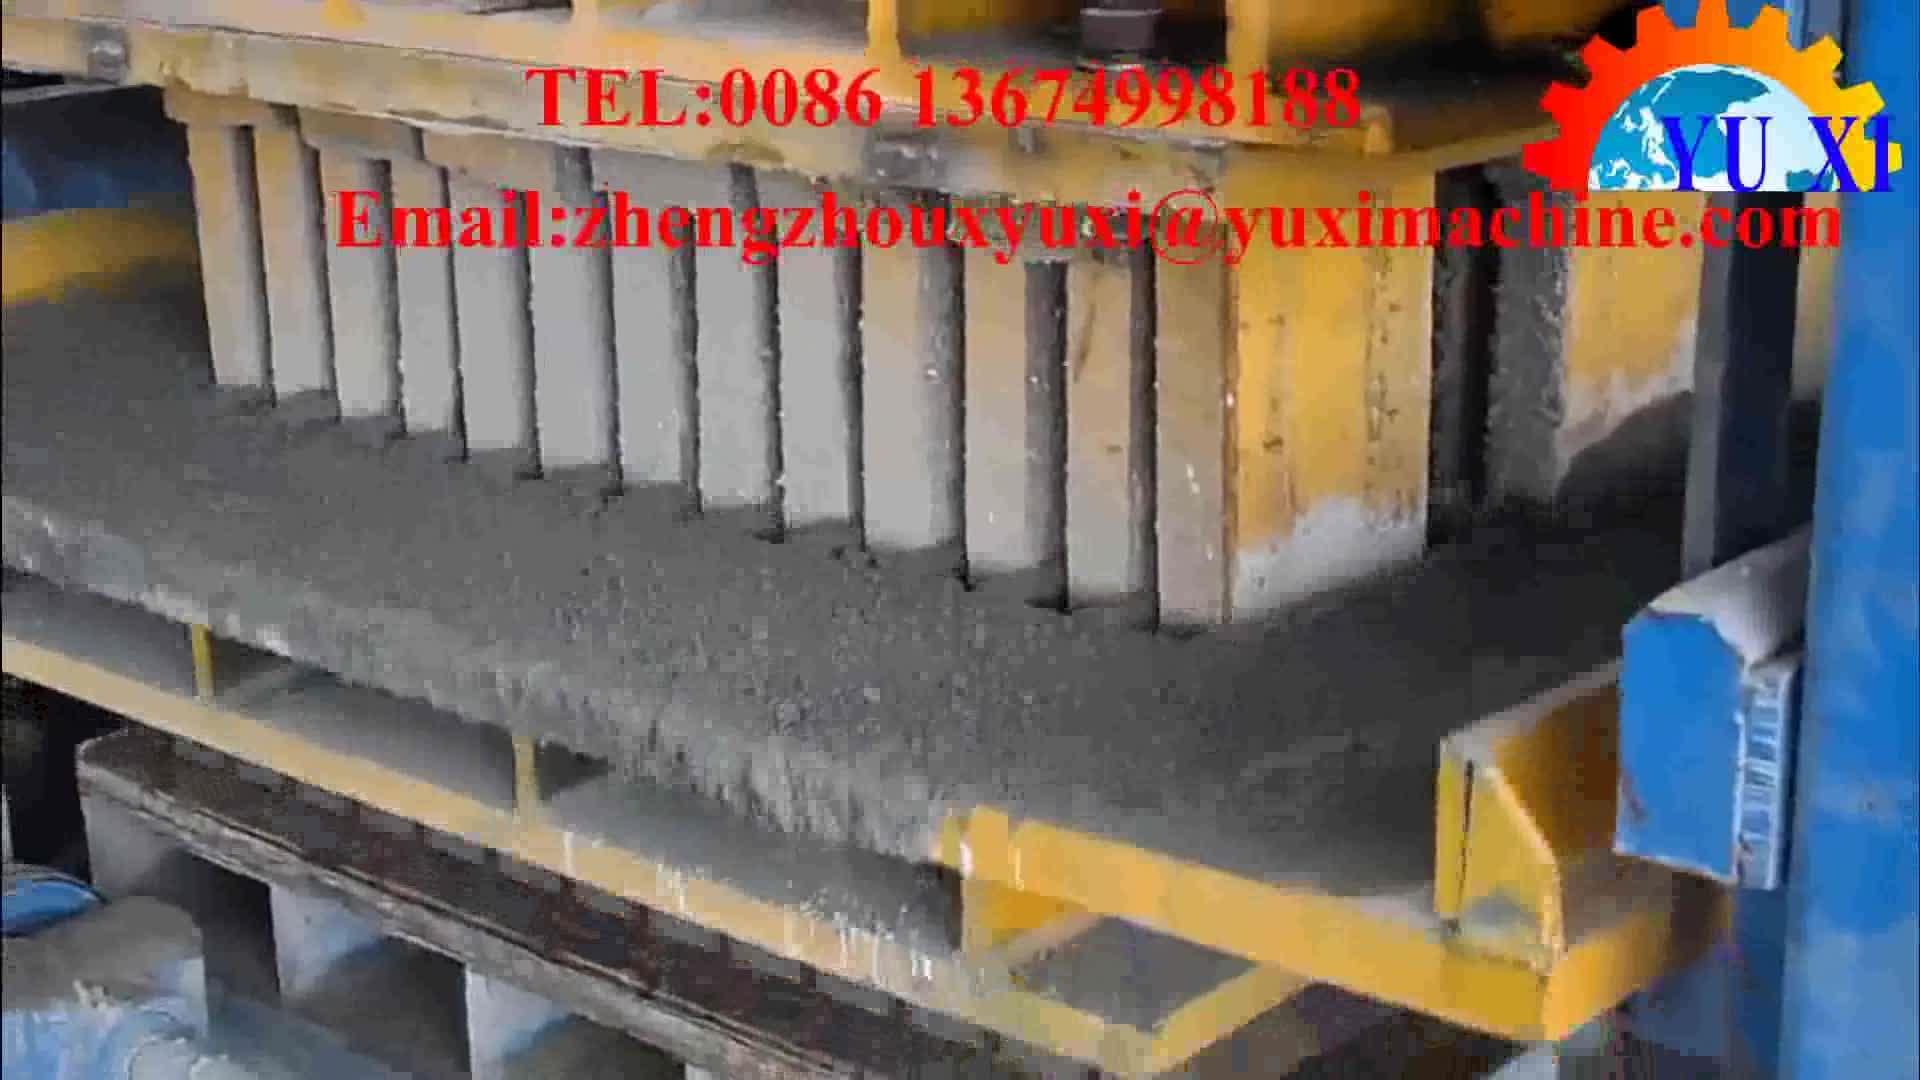 QT3-15 Yüksek Kalite Tam Otomatik Beton Çimento Hollow Blok Tuğla Kilitleme Finişer Yapma Makinesi Hindistan'da Fiyat